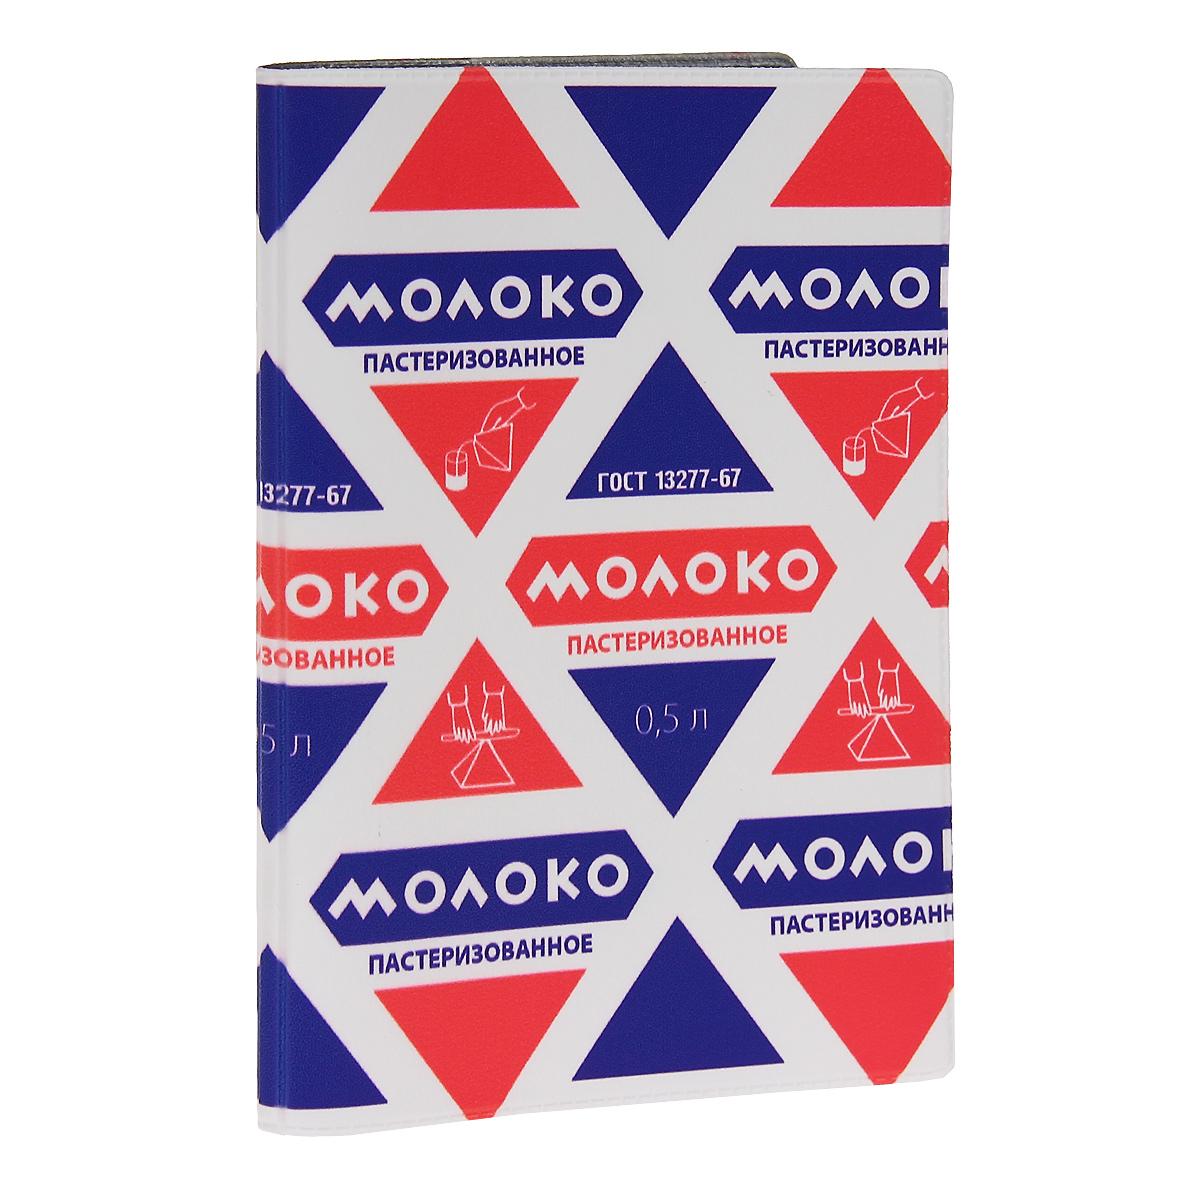 Обложка для автодокументов Молоко. AUTOZAM289AUTOZAM289Обложка для автодокументов Mitya Veselkov Молоко изготовлена из прочного ПВХ и стилизована под упаковку из-под молока. На внутреннем развороте имеются съемный блок из шести прозрачных файлов из мягкого пластика для водительских документов, один из которых формата А5, а также два боковых кармашка для визиток или банковских карт. Стильная обложка не только поможет сохранить внешний вид ваших документов и защитит их от грязи и пыли, но и станет аксессуаром, который подчеркнет вашу яркую индивидуальность.